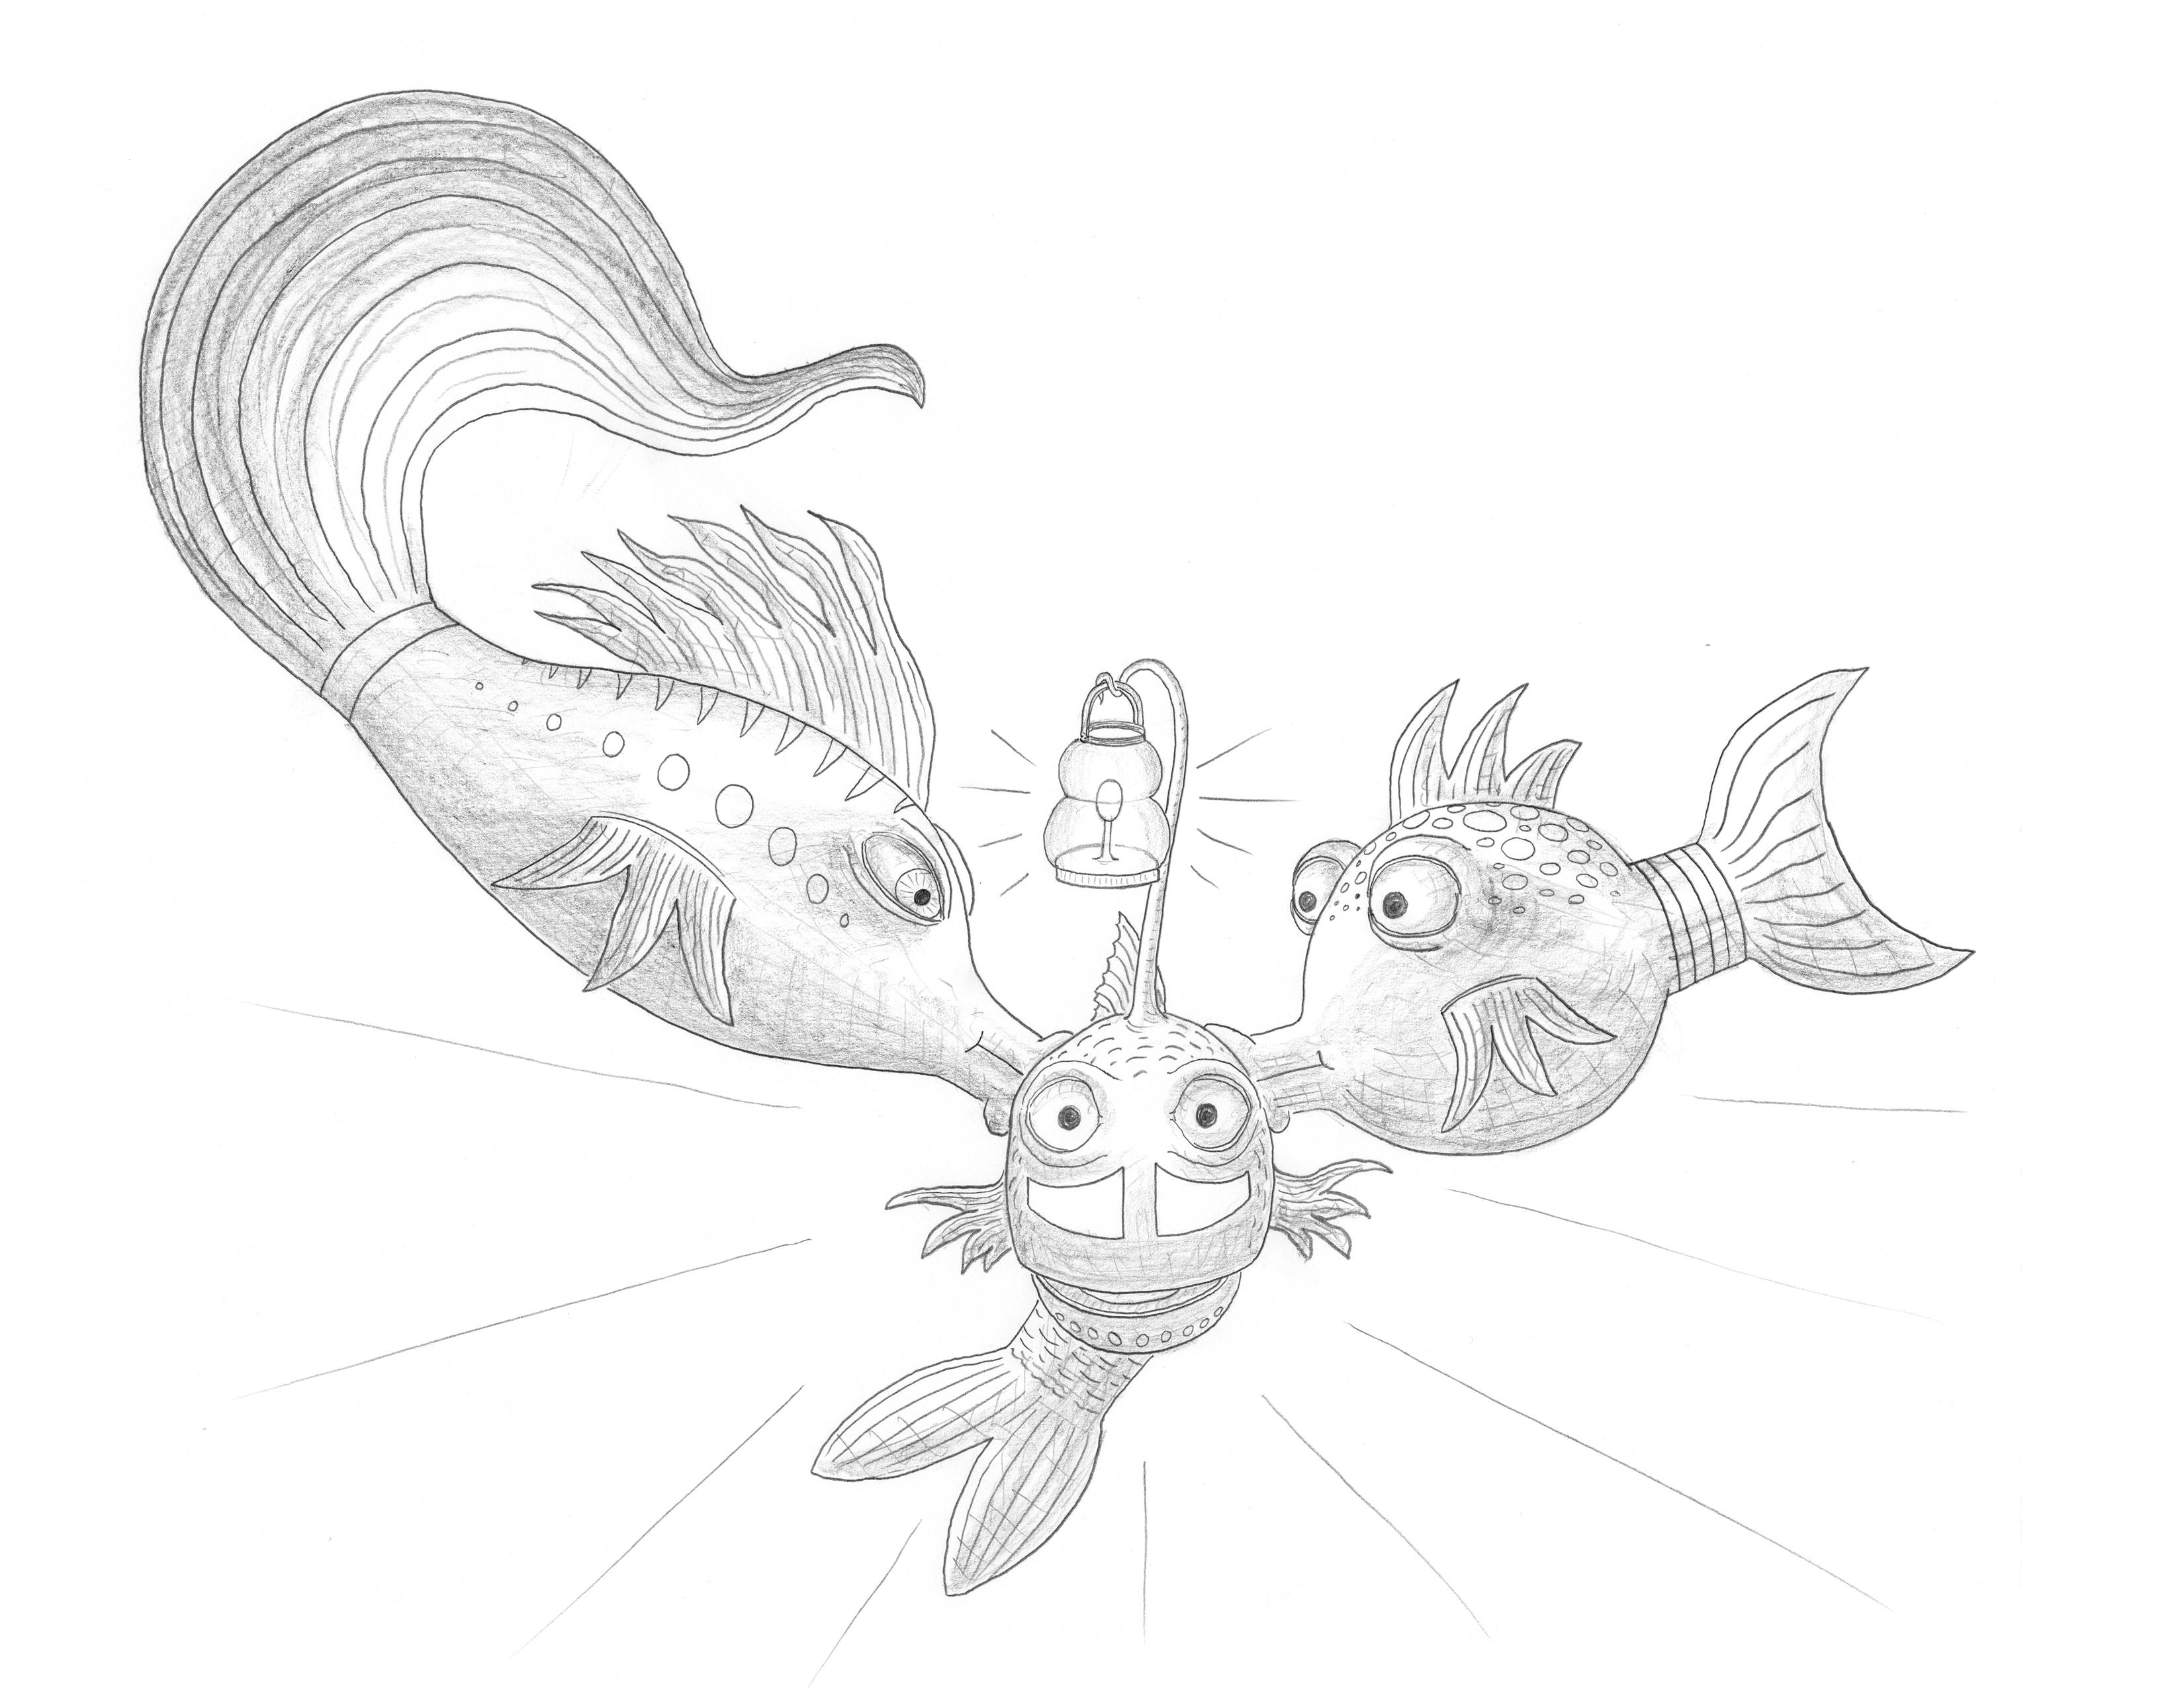 The Pout Pout Fish In The Big Big Dark Quot Images Pout Pout Fish Coloring Pages